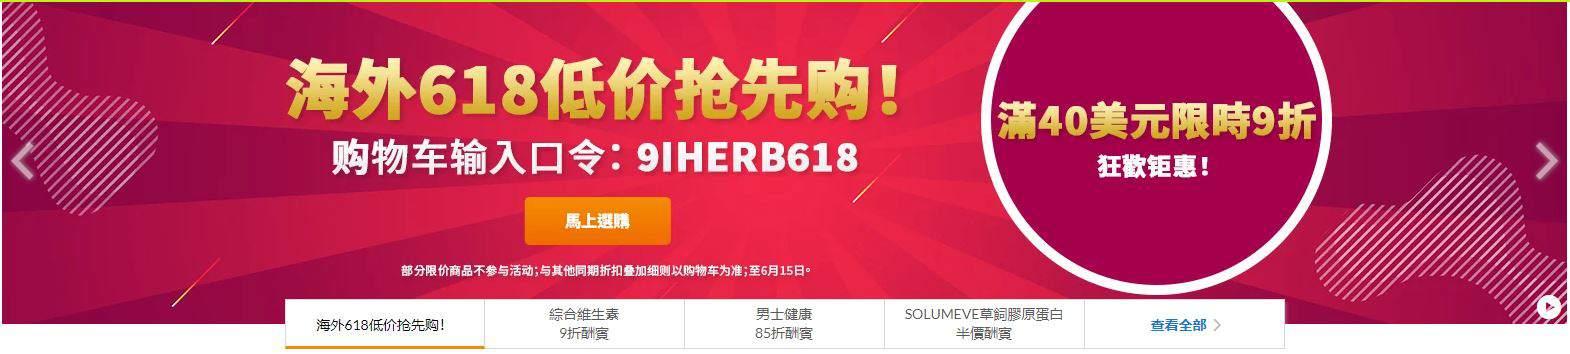 【網購】香港地養生必備網站 iHerb